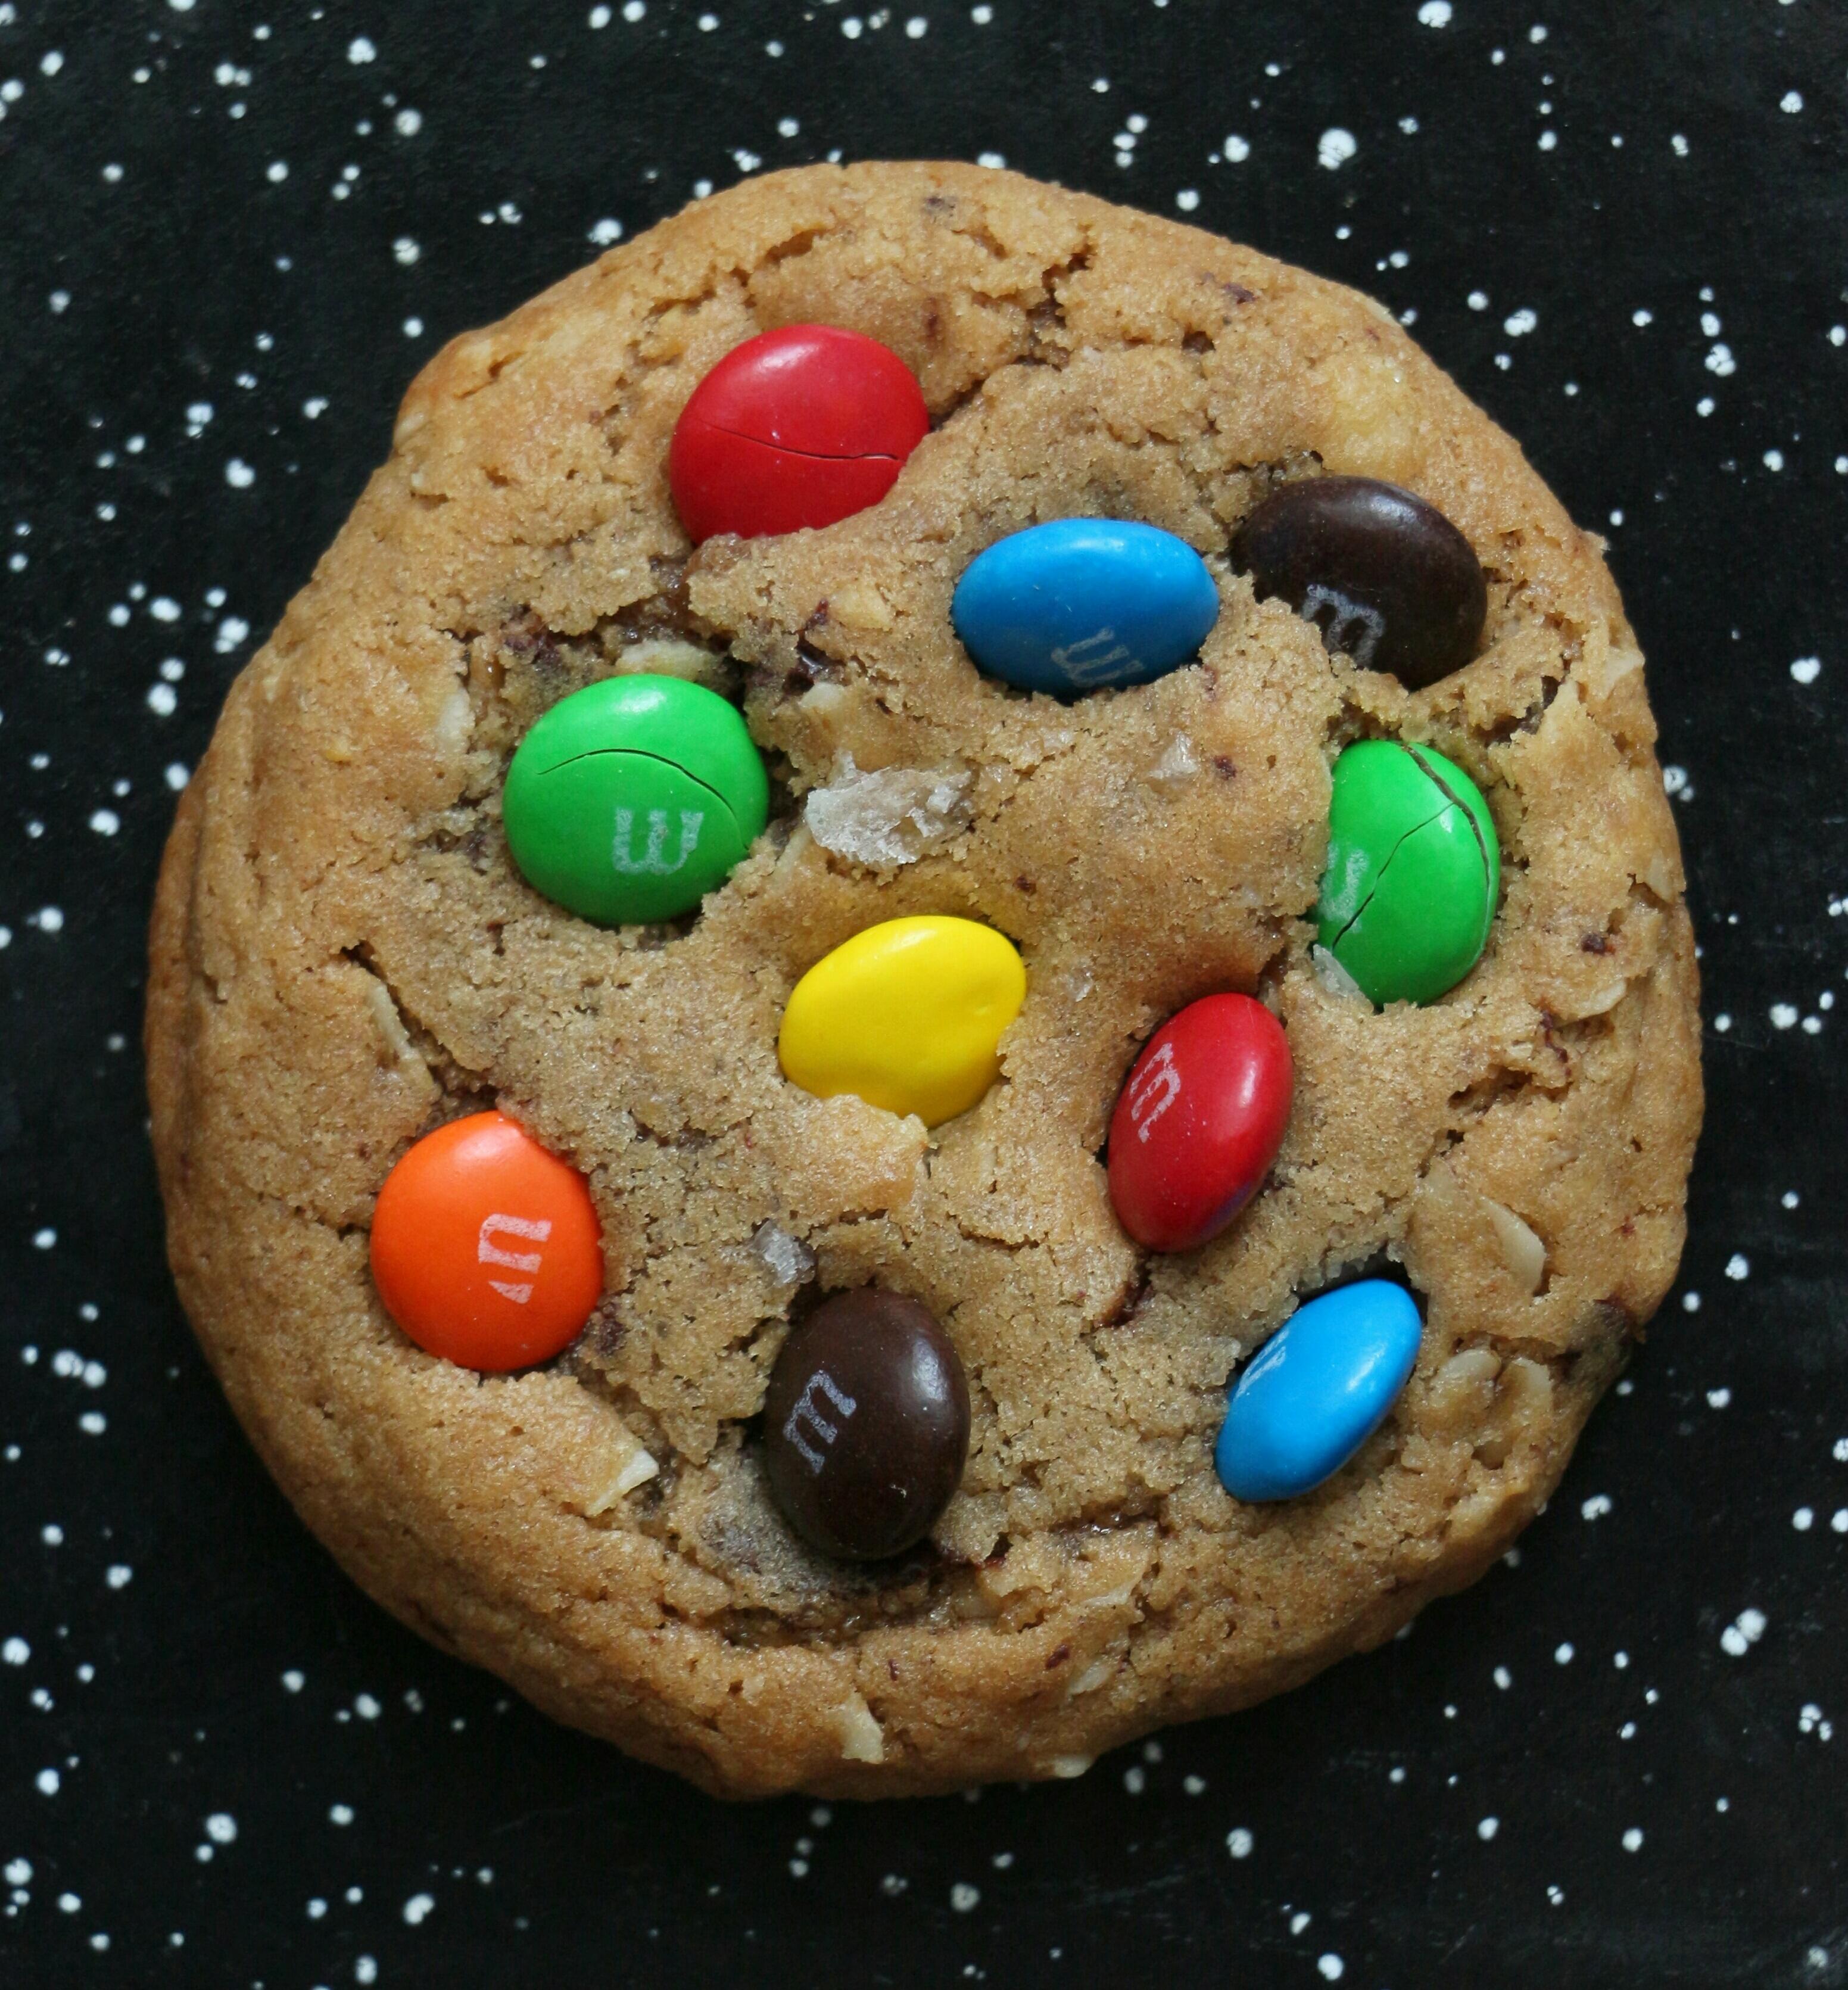 עוגיות שוקולד צ'יפ, חמאת בוטנים, שיבולת שועל ועדשים צבעוניות